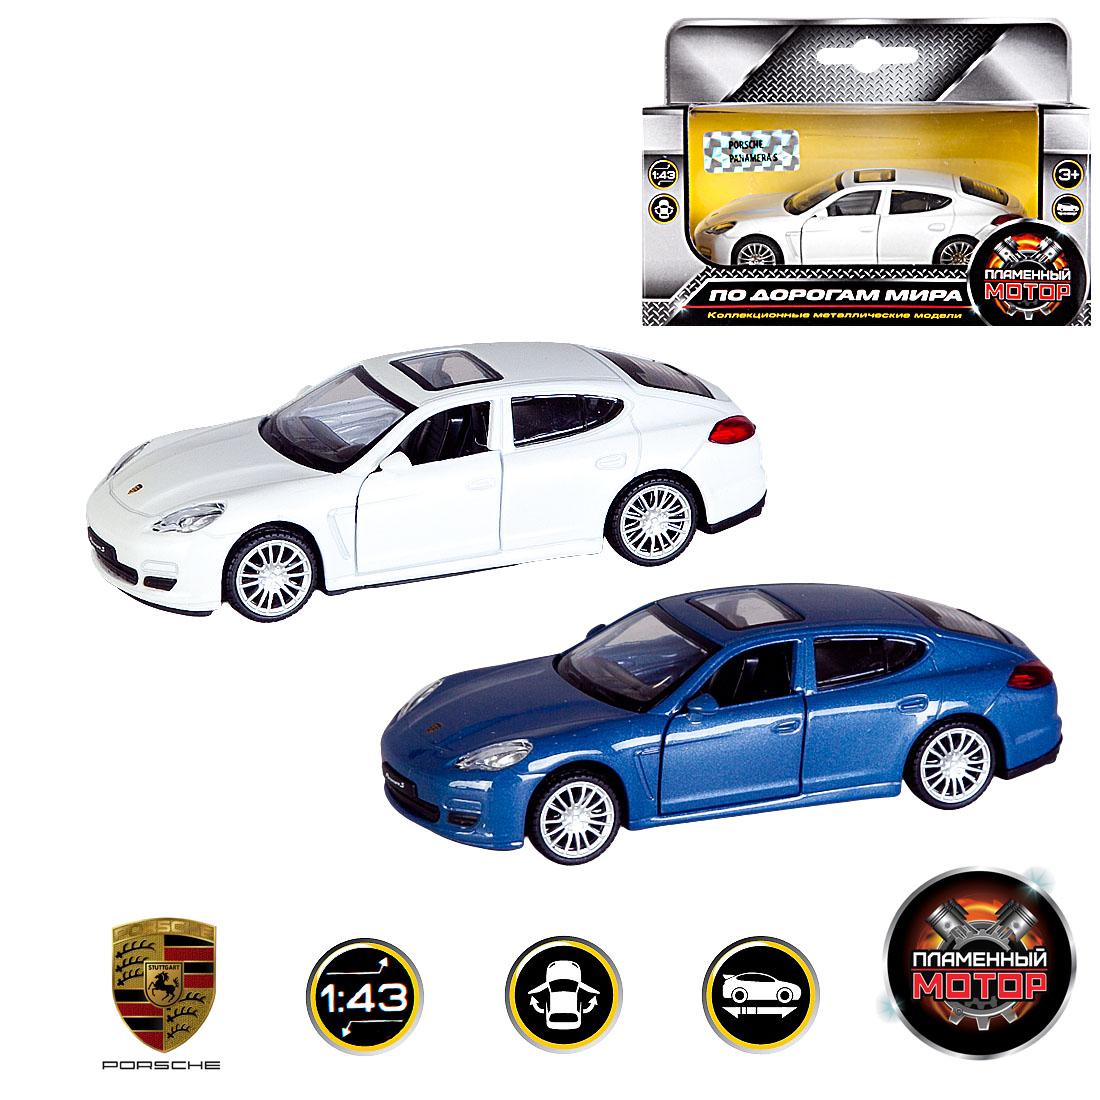 Игрушечные машинки и техника Наша игрушка Porsche Panamera S (870142) 1:43 модель машины пламенный мотор porsche panamera s 1 43 в ассортименте